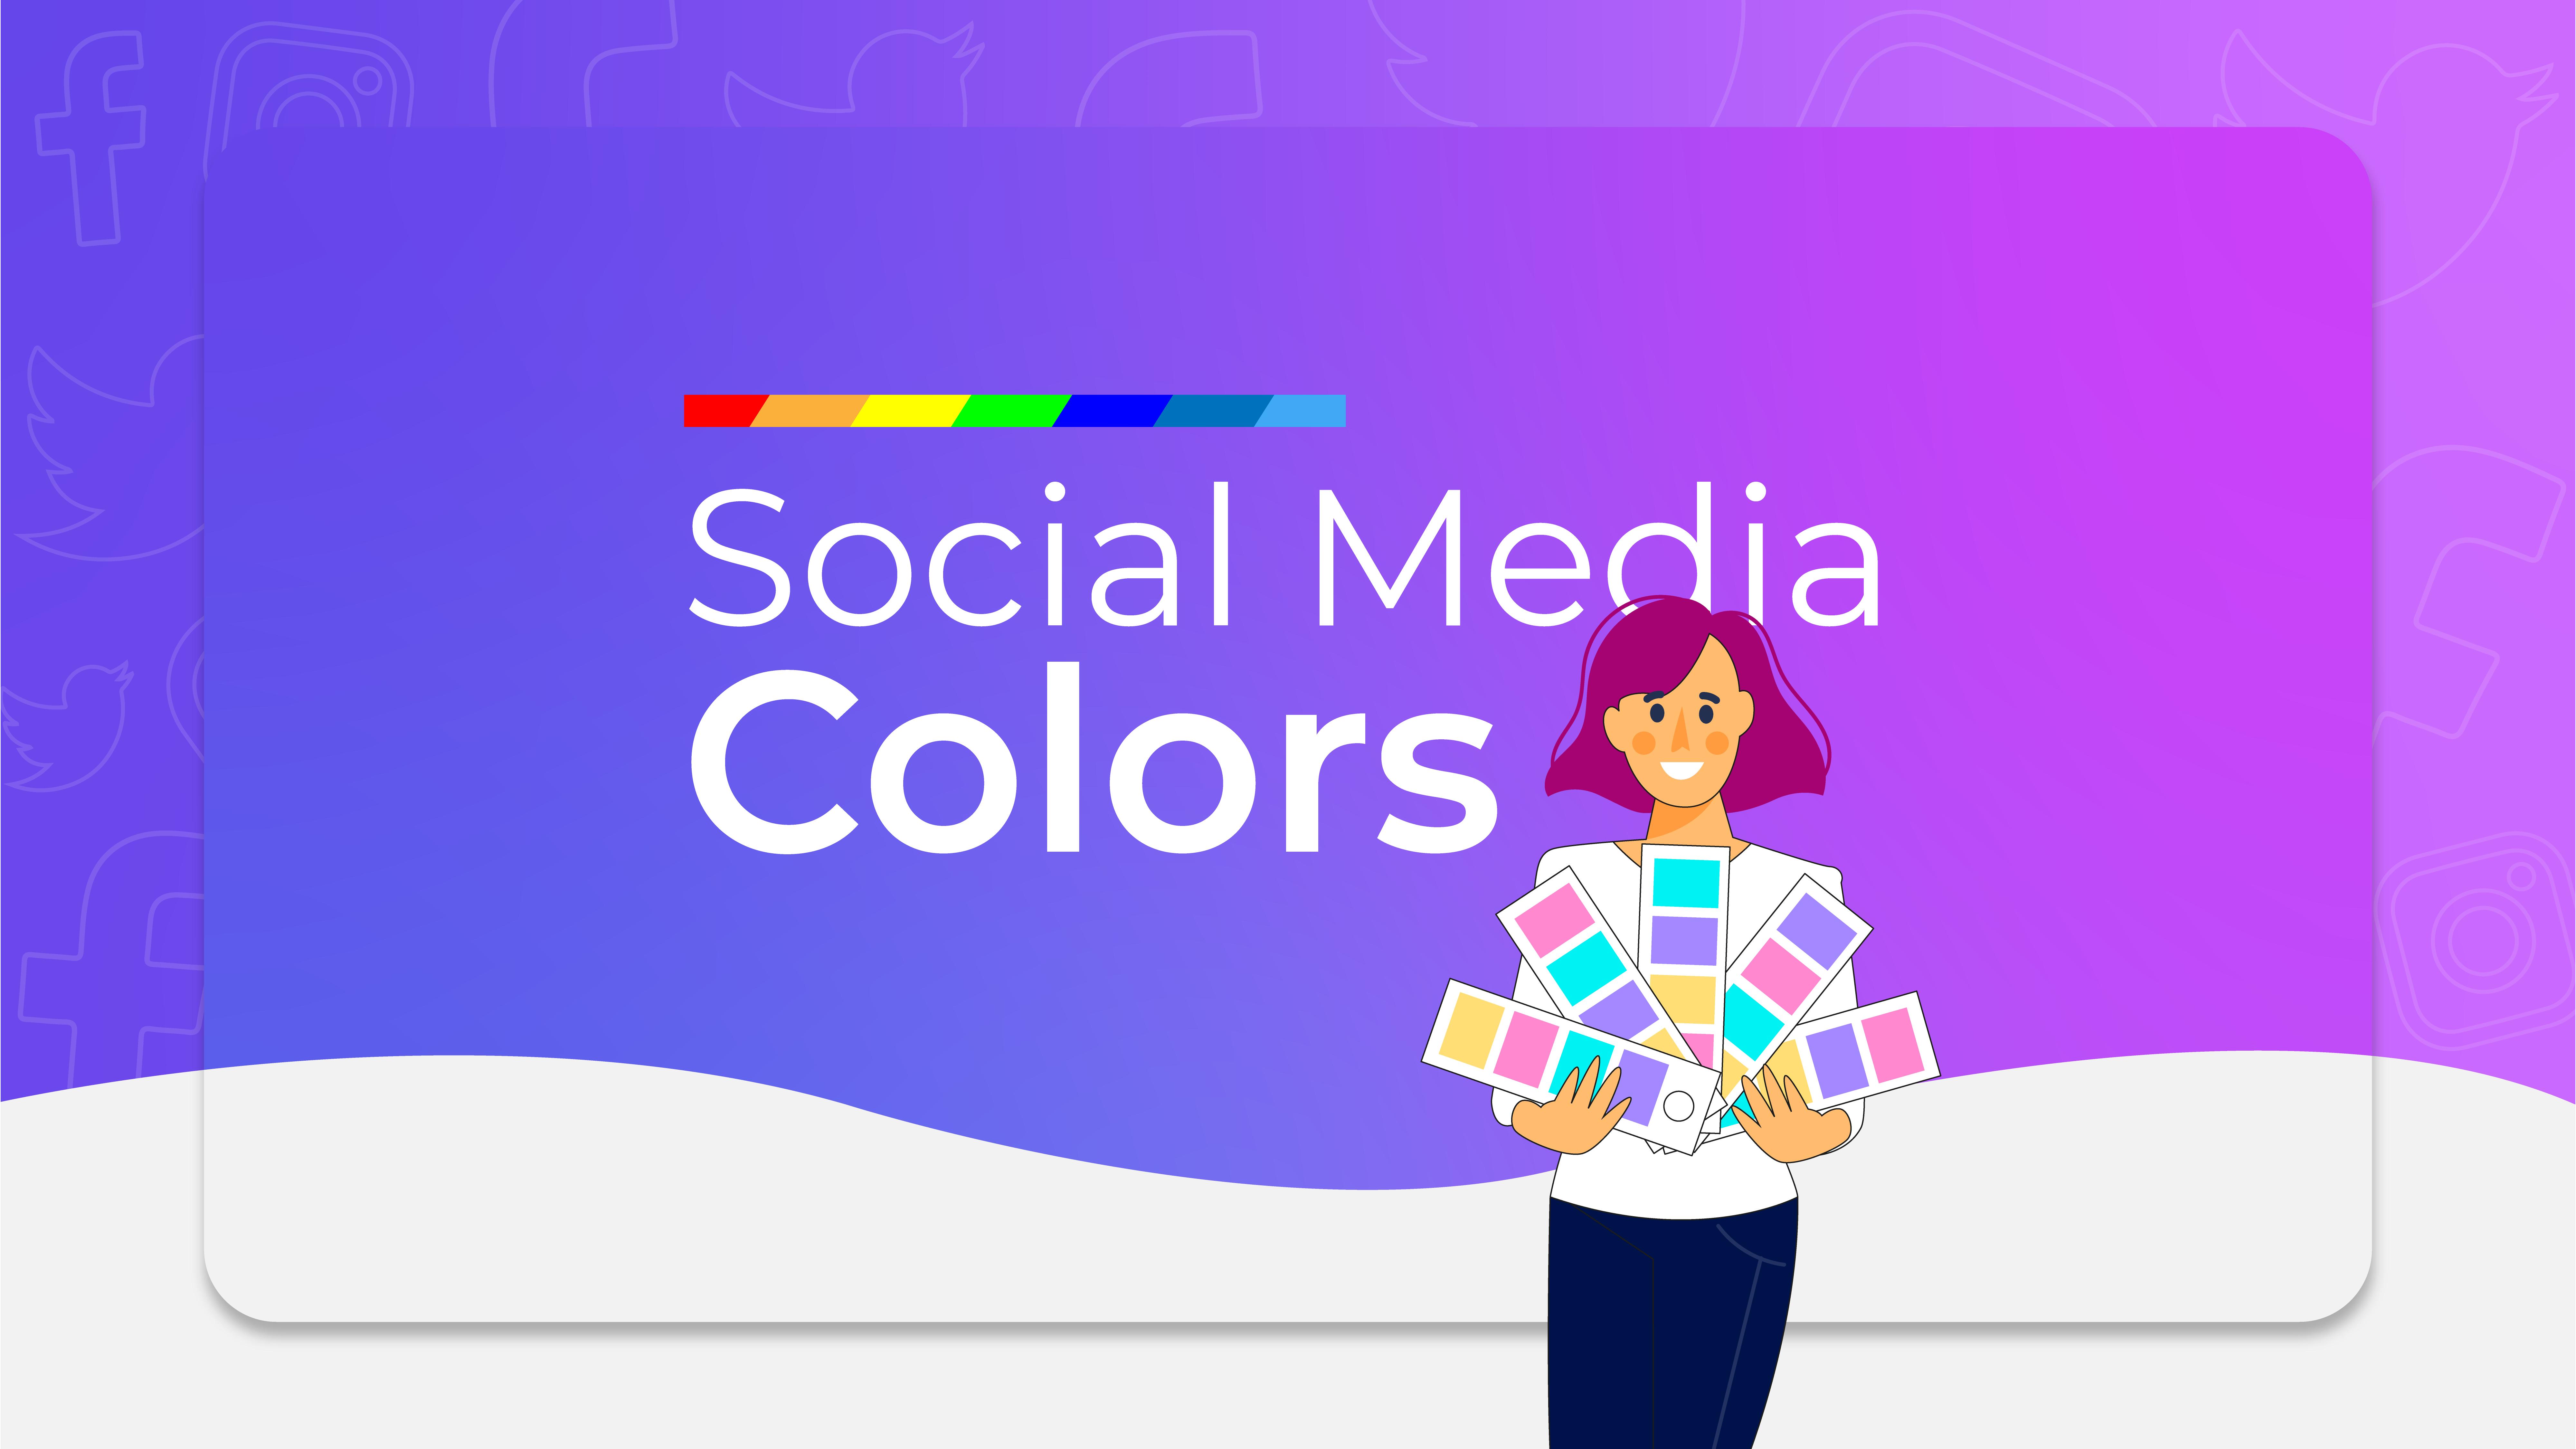 Social Media Colors